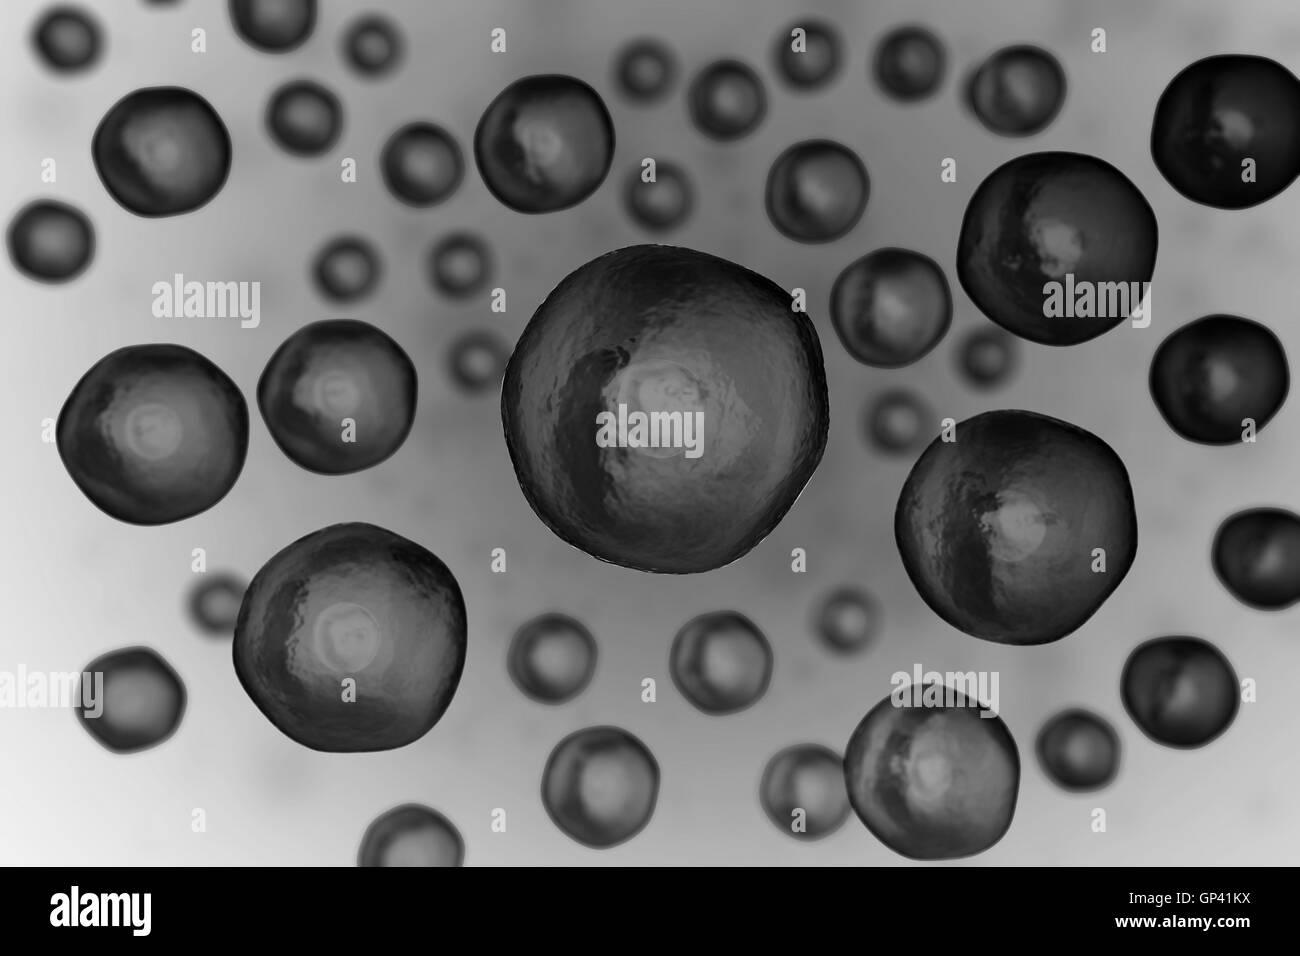 Ell unter mikroskop leben und biologie medizin wissenschaft